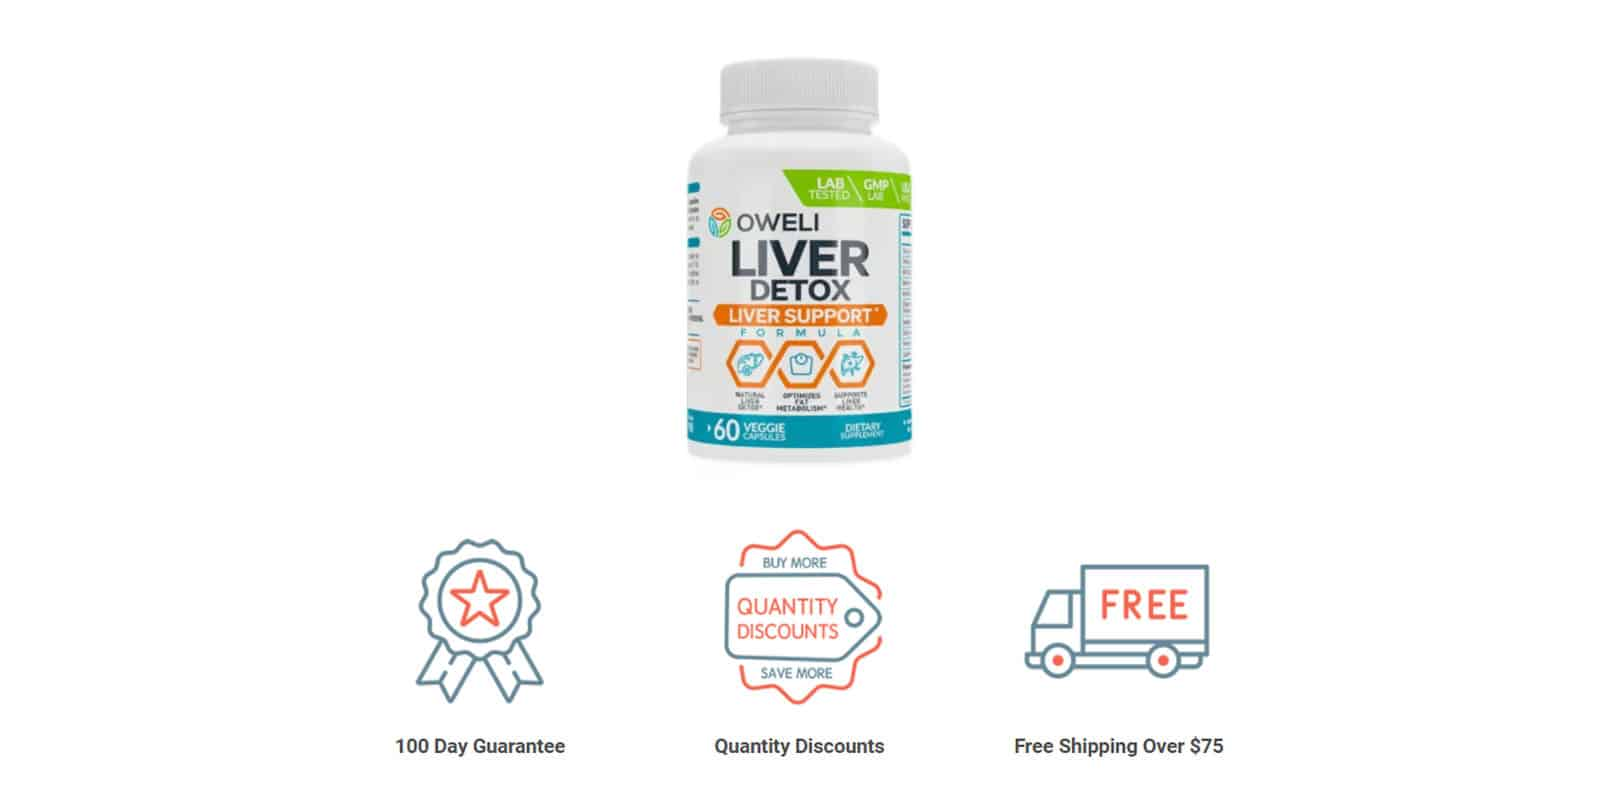 Oweli Liver Detox Supplement Money Back Guarantee